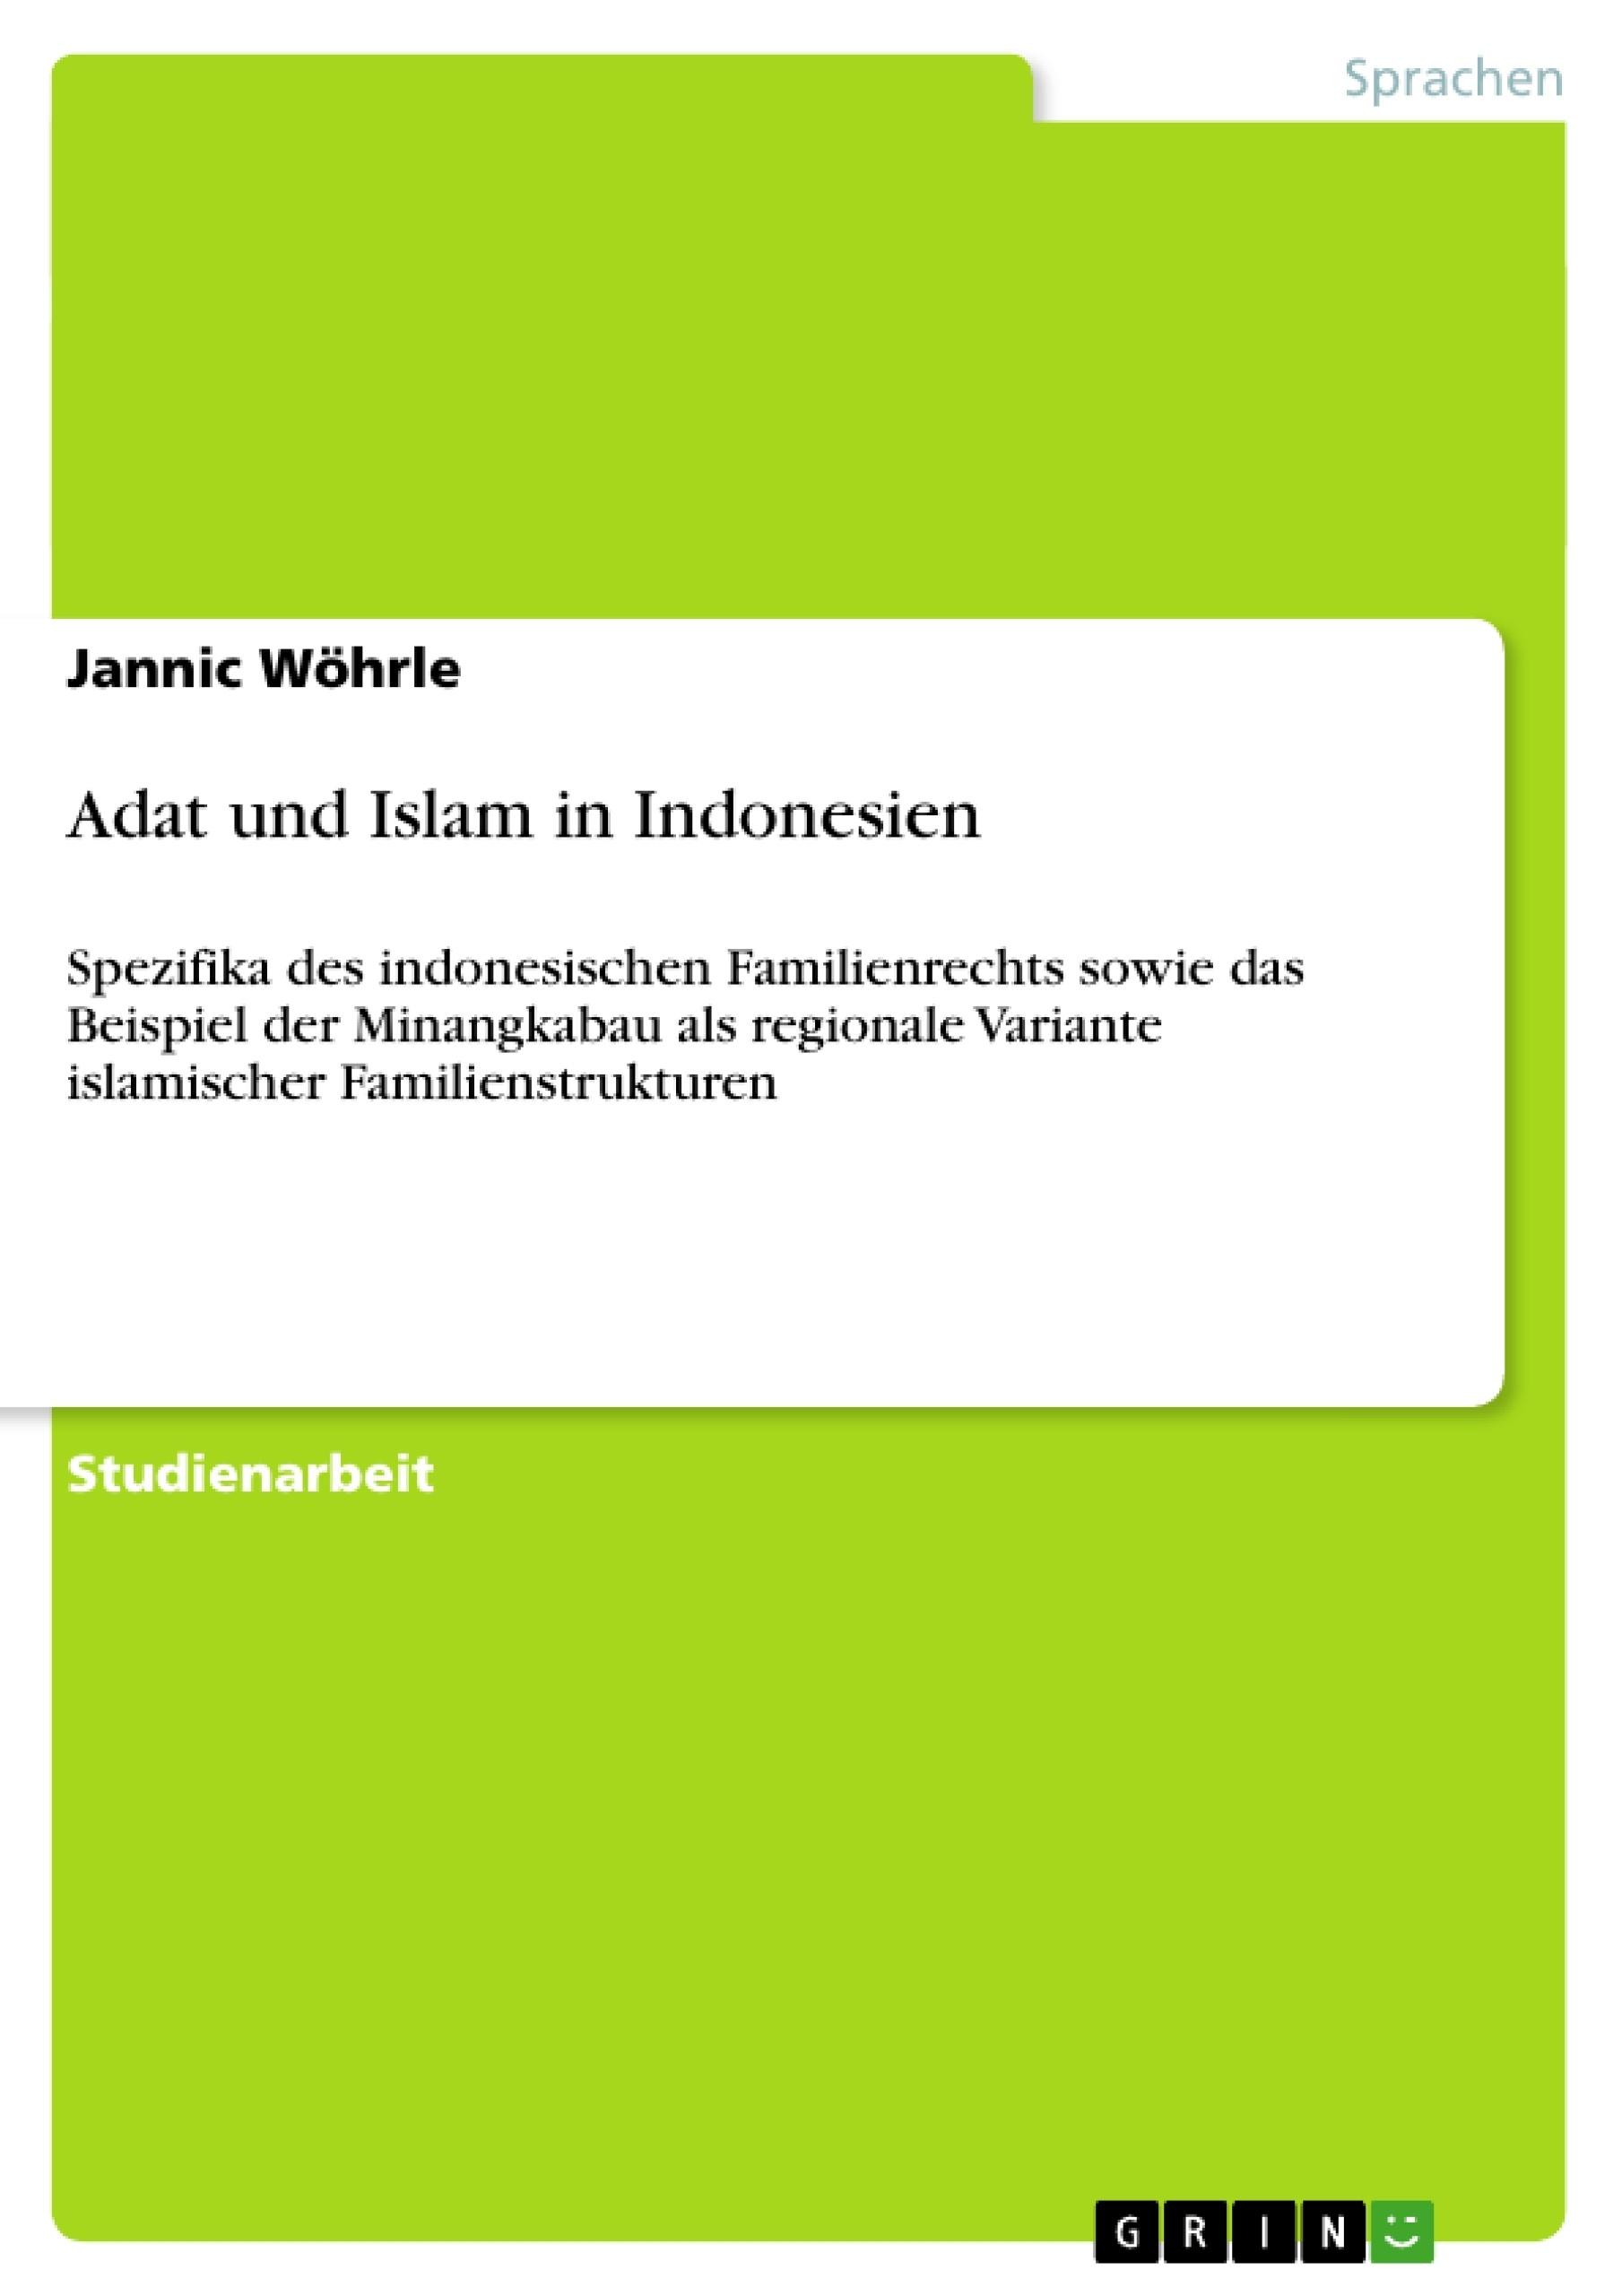 Titel: Adat und Islam in Indonesien